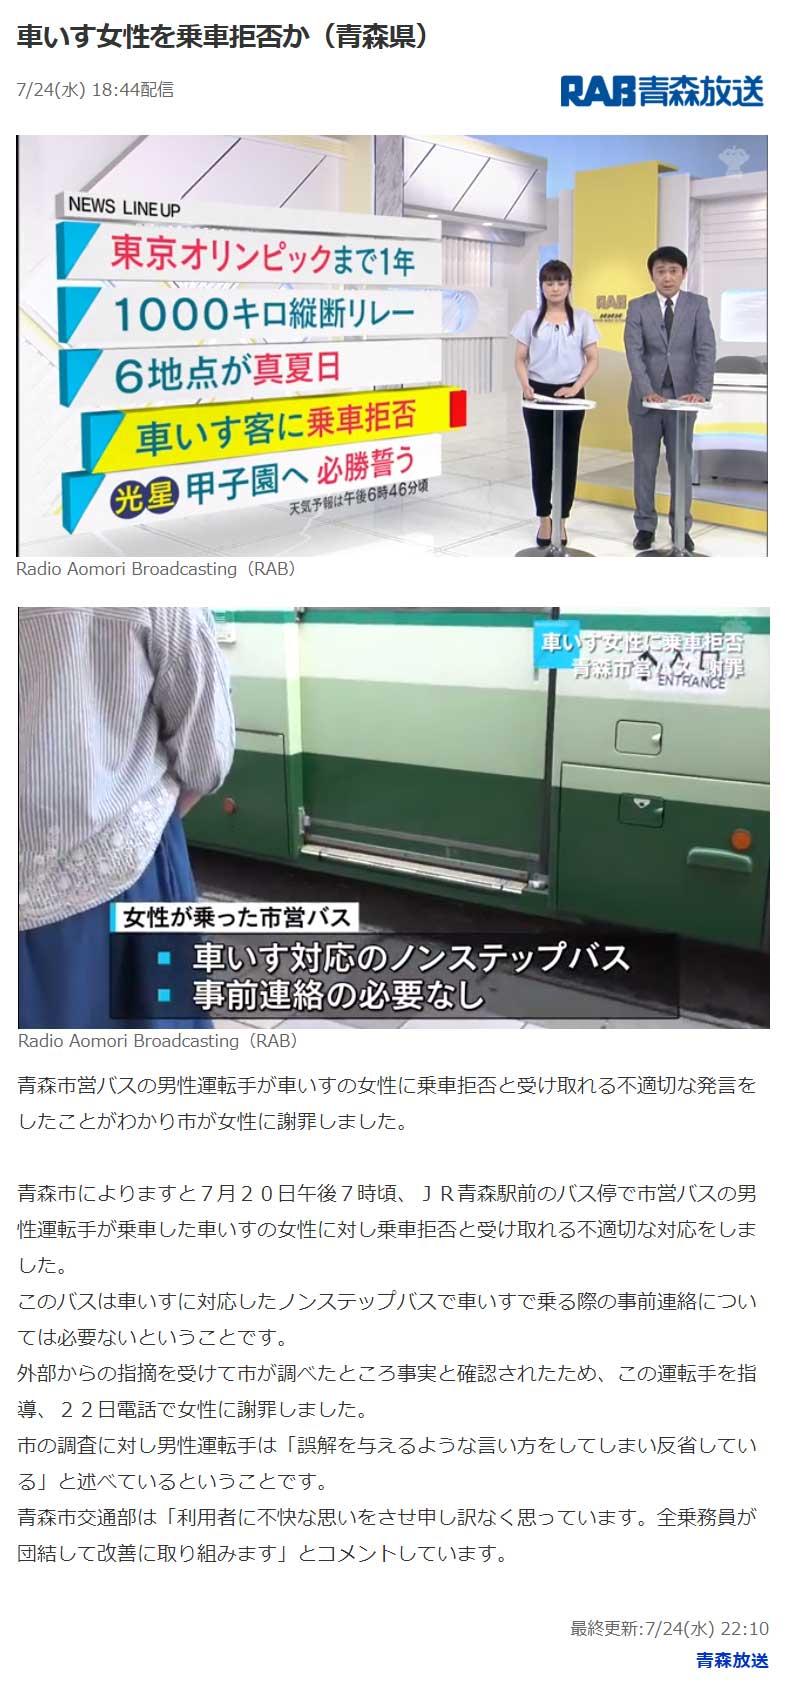 車いす利用者のバス乗車【乗車拒否は是か?非か?】02